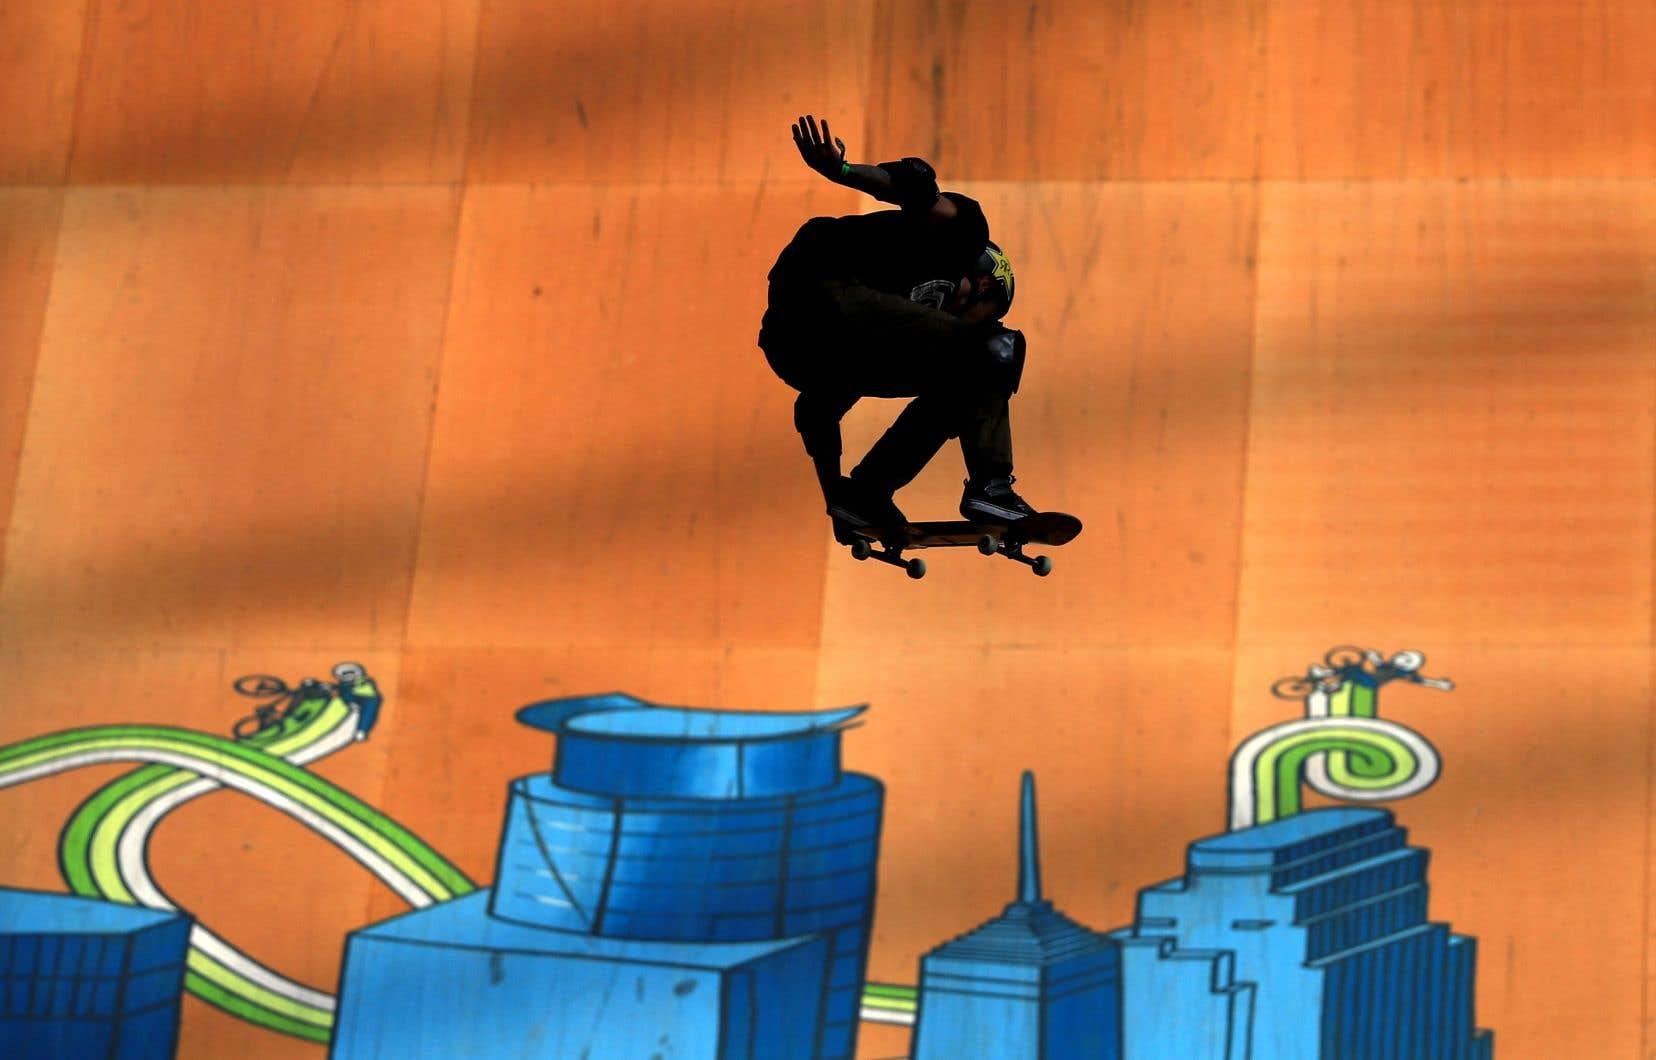 Dans l'enceinte du US Bank Stadium à Minneapolis, les planchistes ne se sont pas privés d'envolées spectaculaires et d'acrobaties d'un haut niveau de technicité avec une idée en tête: aller aux Jeux.